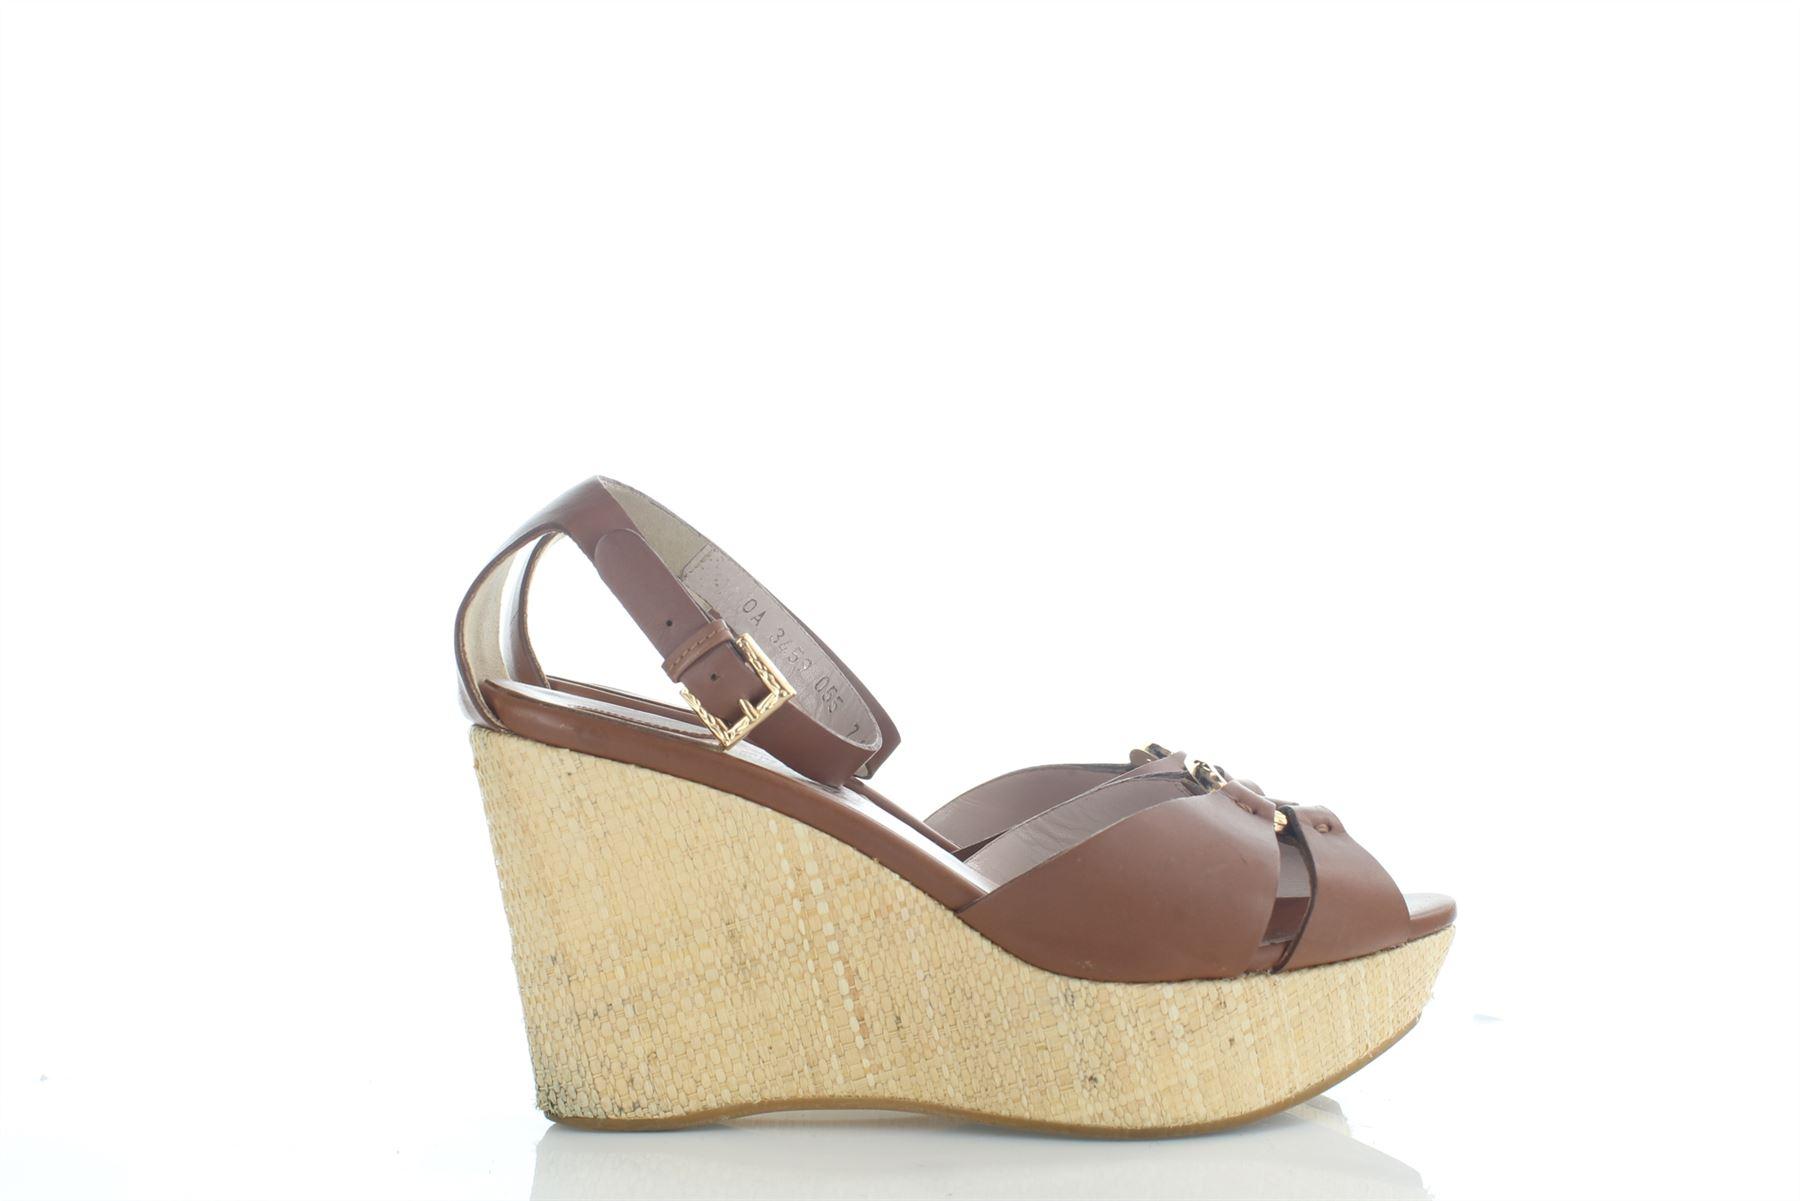 95a41c8318a SALVATORE FERRAGAMO Duccia Brown Leather Shoes